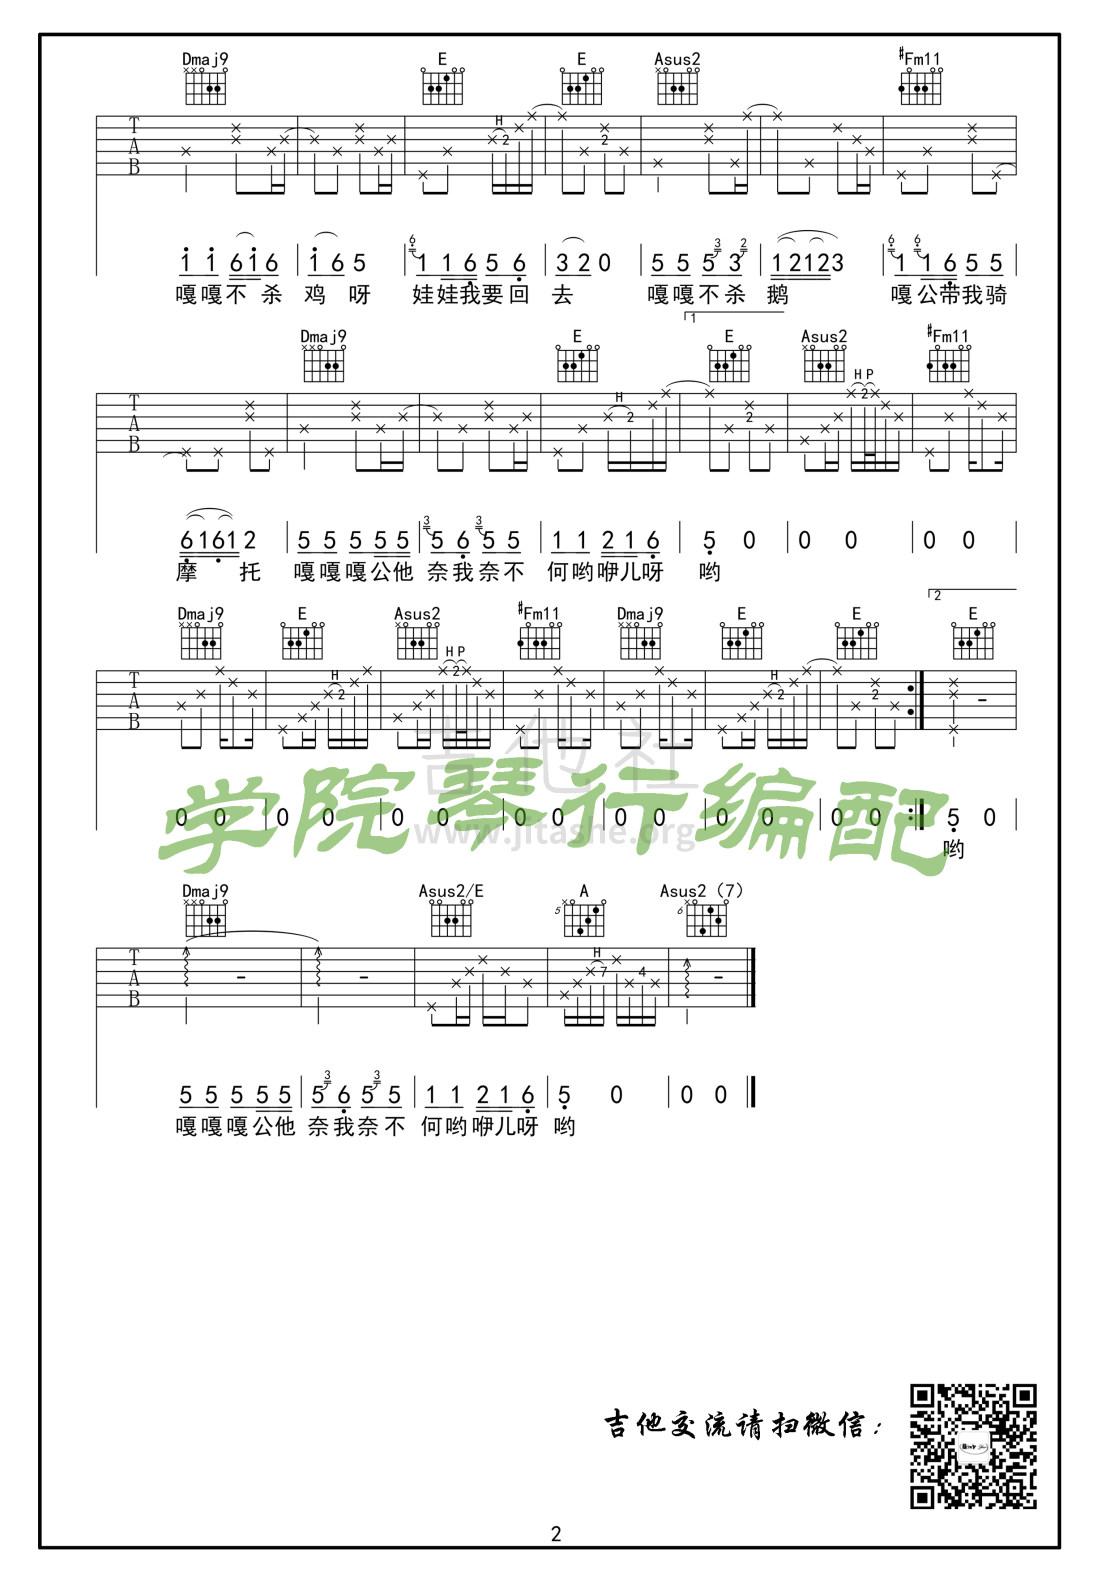 马马嘟嘟骑(学院琴行出品原版编配)吉他谱(图片谱,现场版,原版,弹唱)_斯斯与帆_马马嘟嘟骑2.jpg